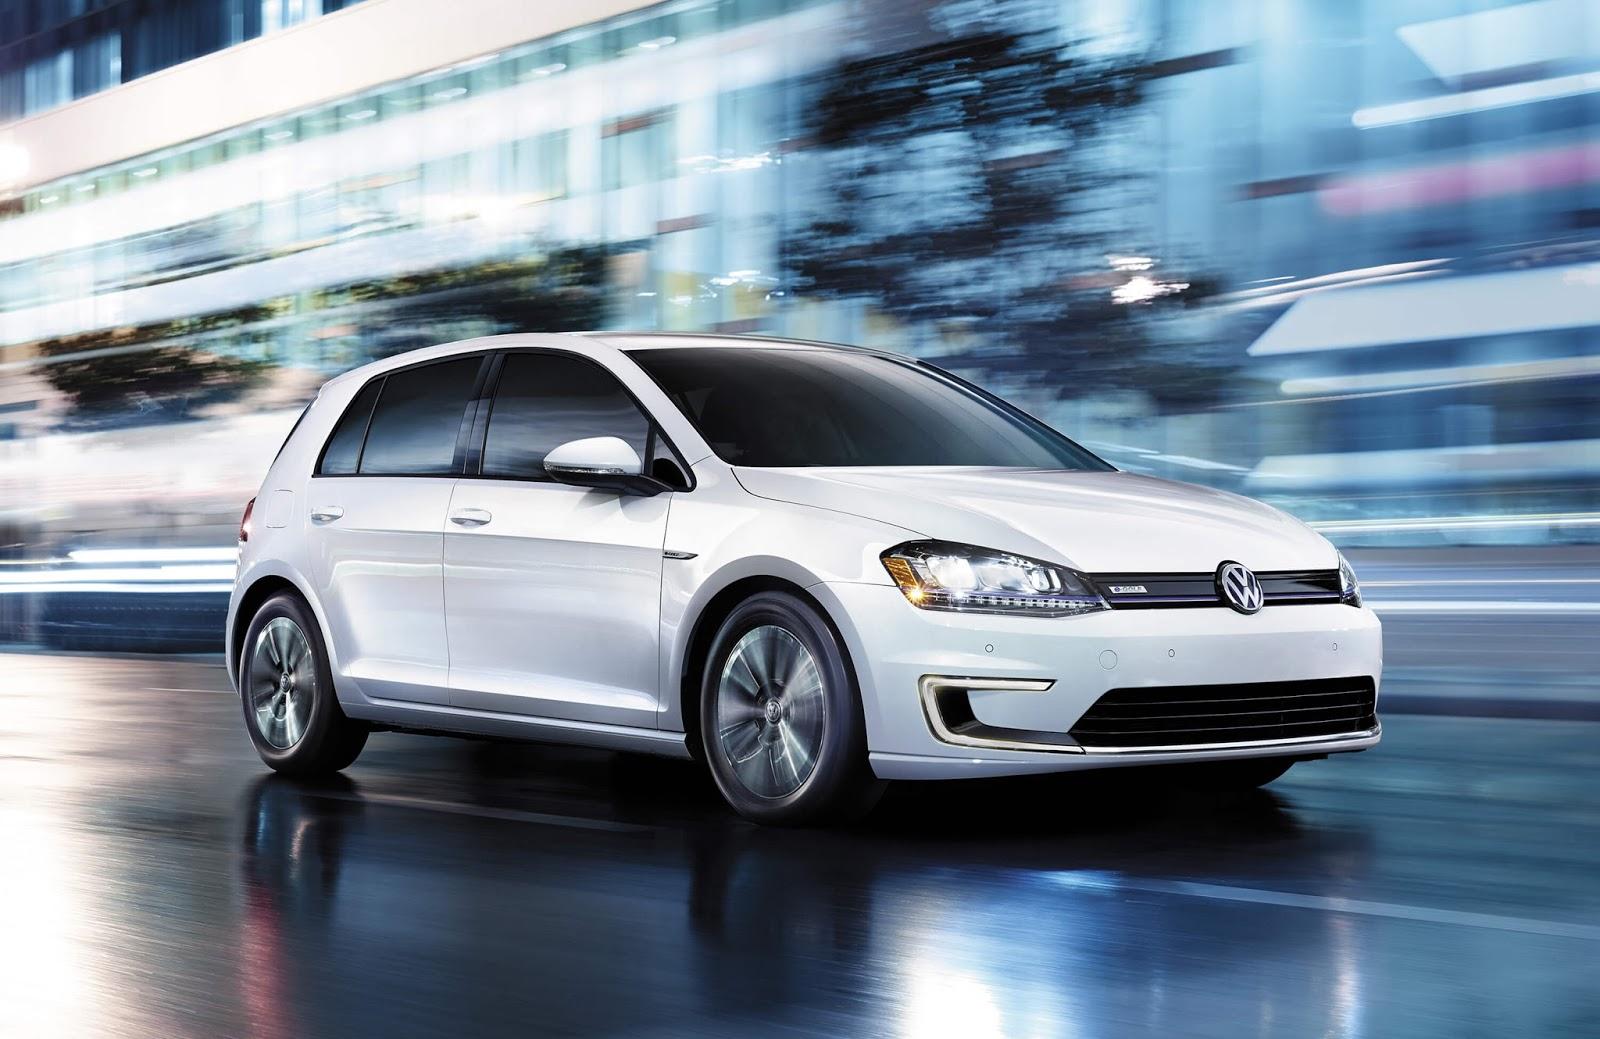 Laadpaal kopen voor uw elektrische Volkswagen e-Golf